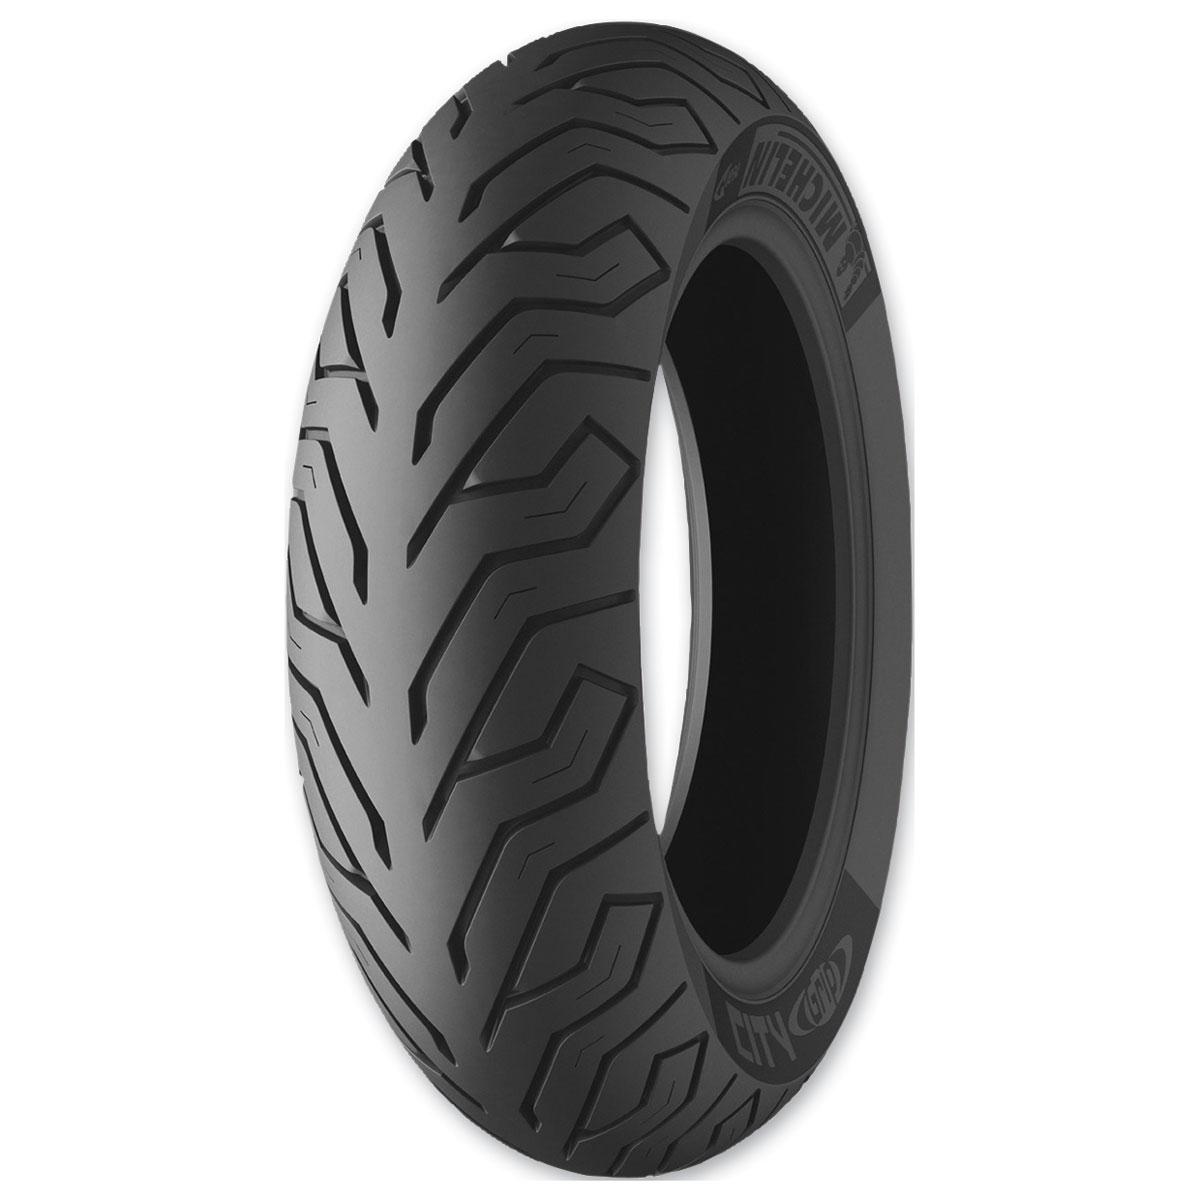 Michelin CITY GRIP 150/70-14 Rear Tire